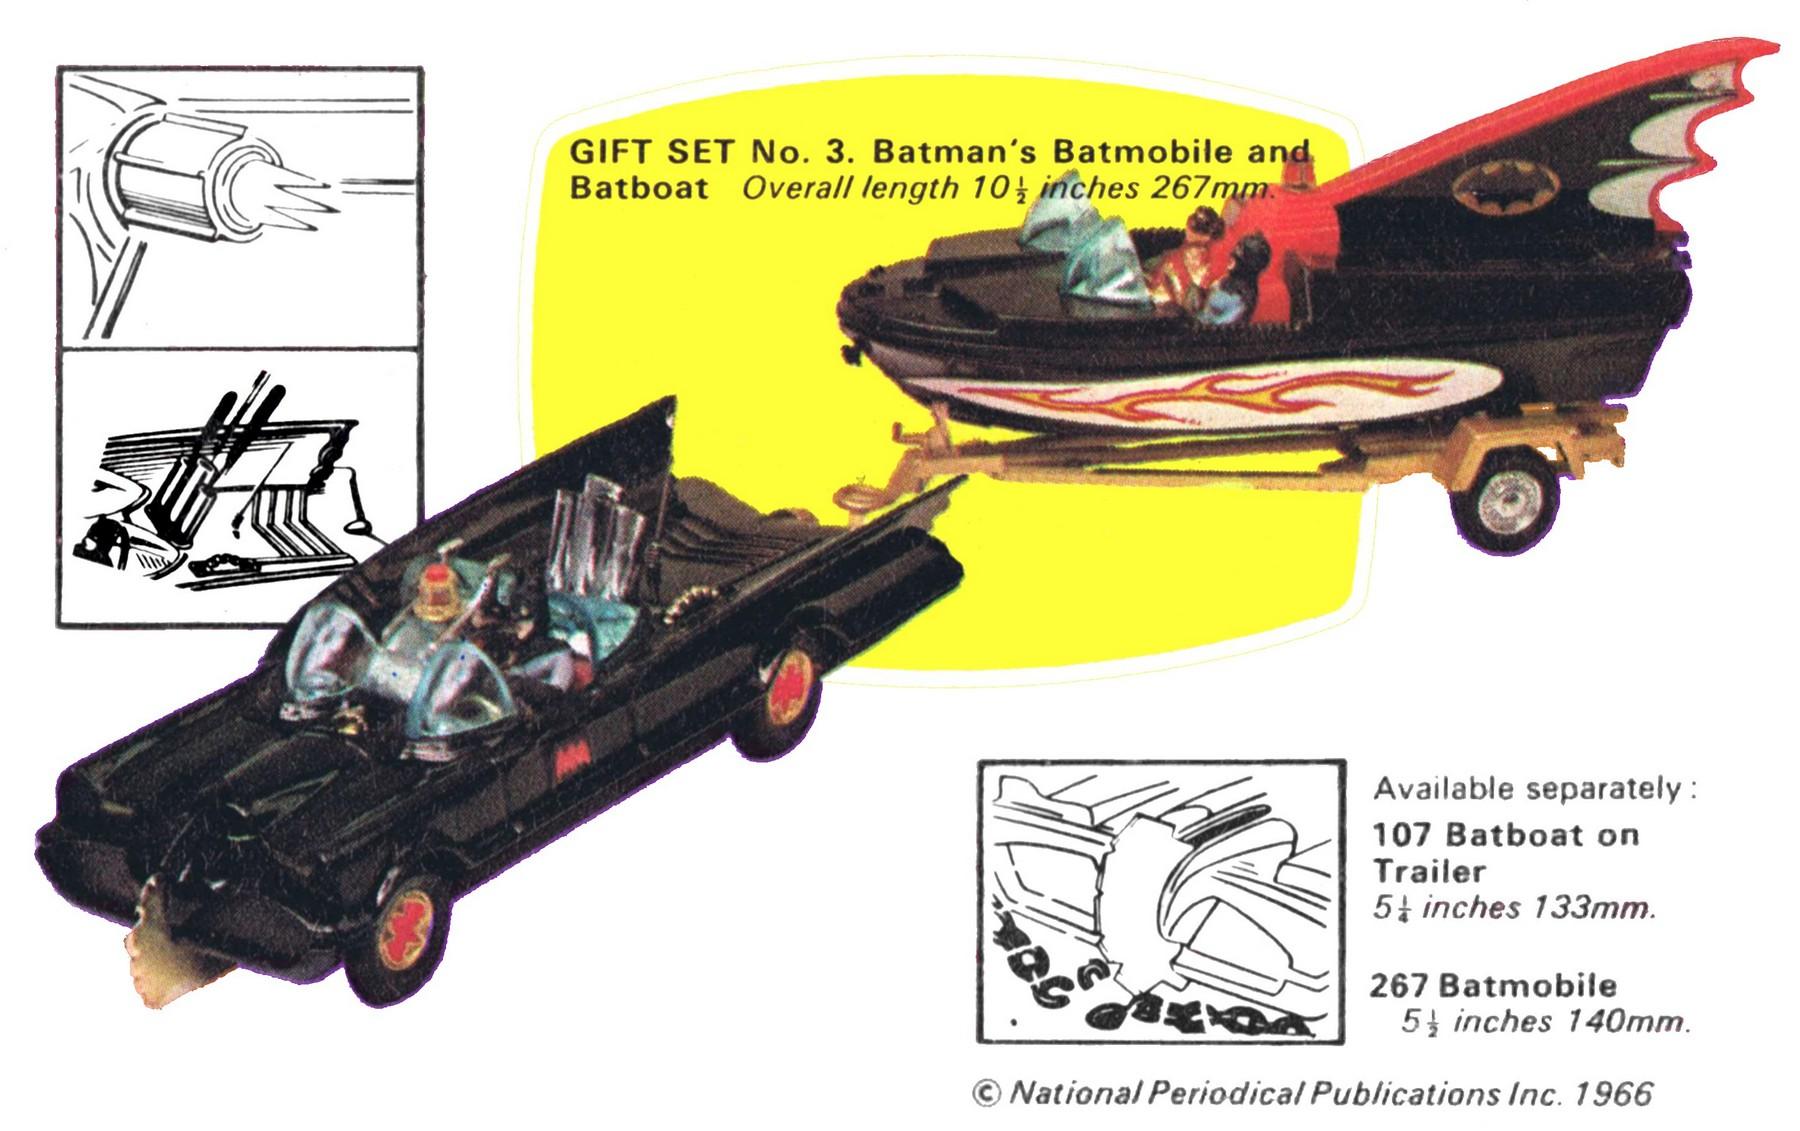 Batmobile Corgi Toys 267 The Brighton Toy And Model Index